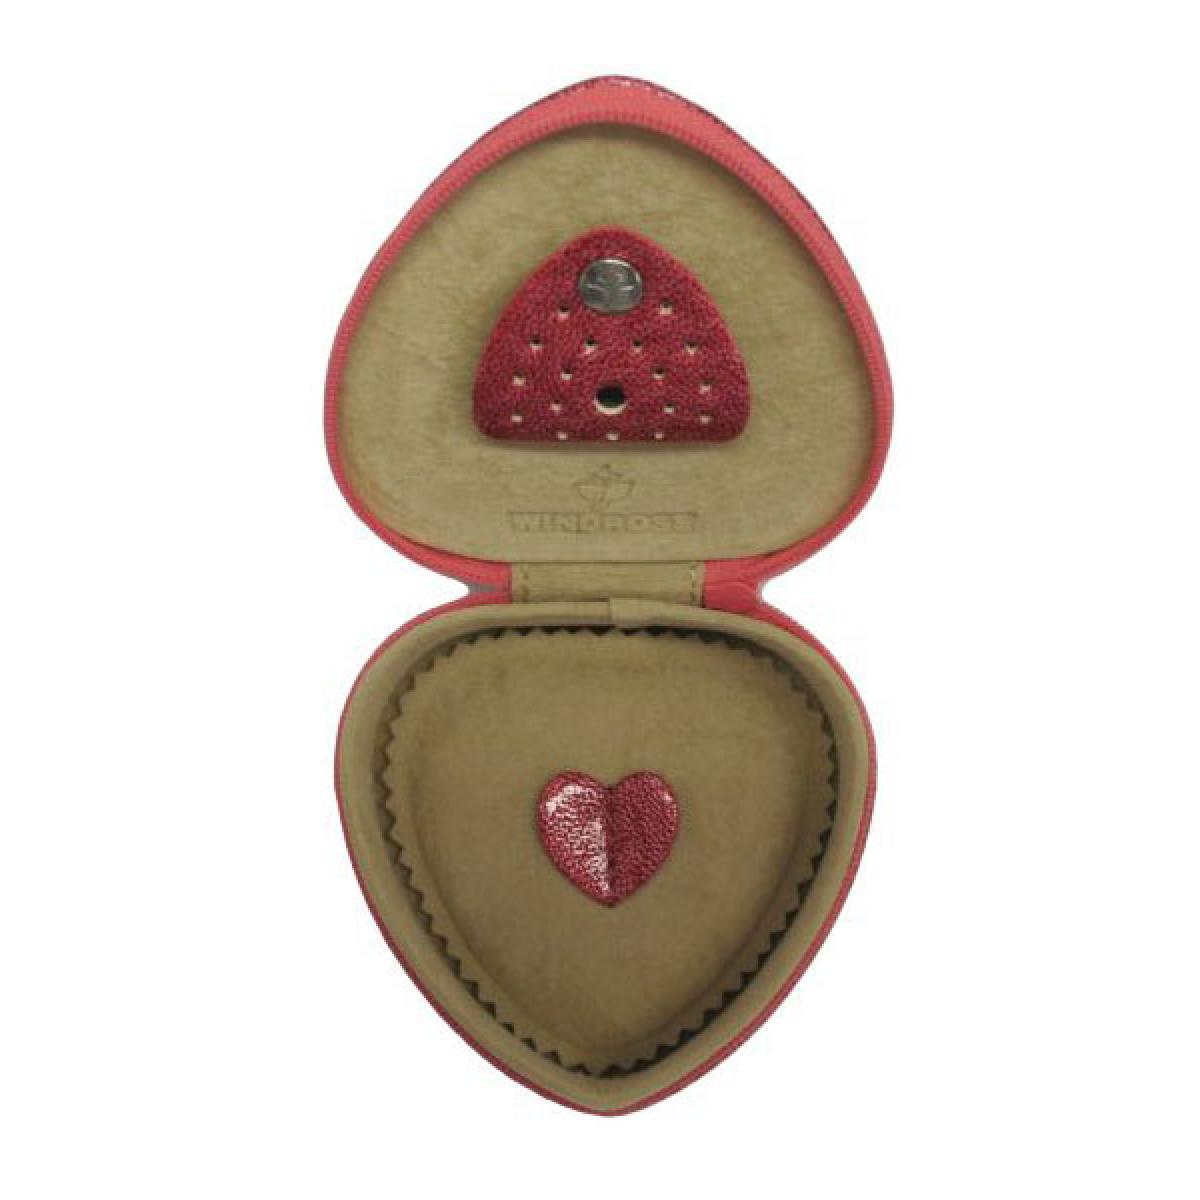 cutie de bijuterii in forma de inima